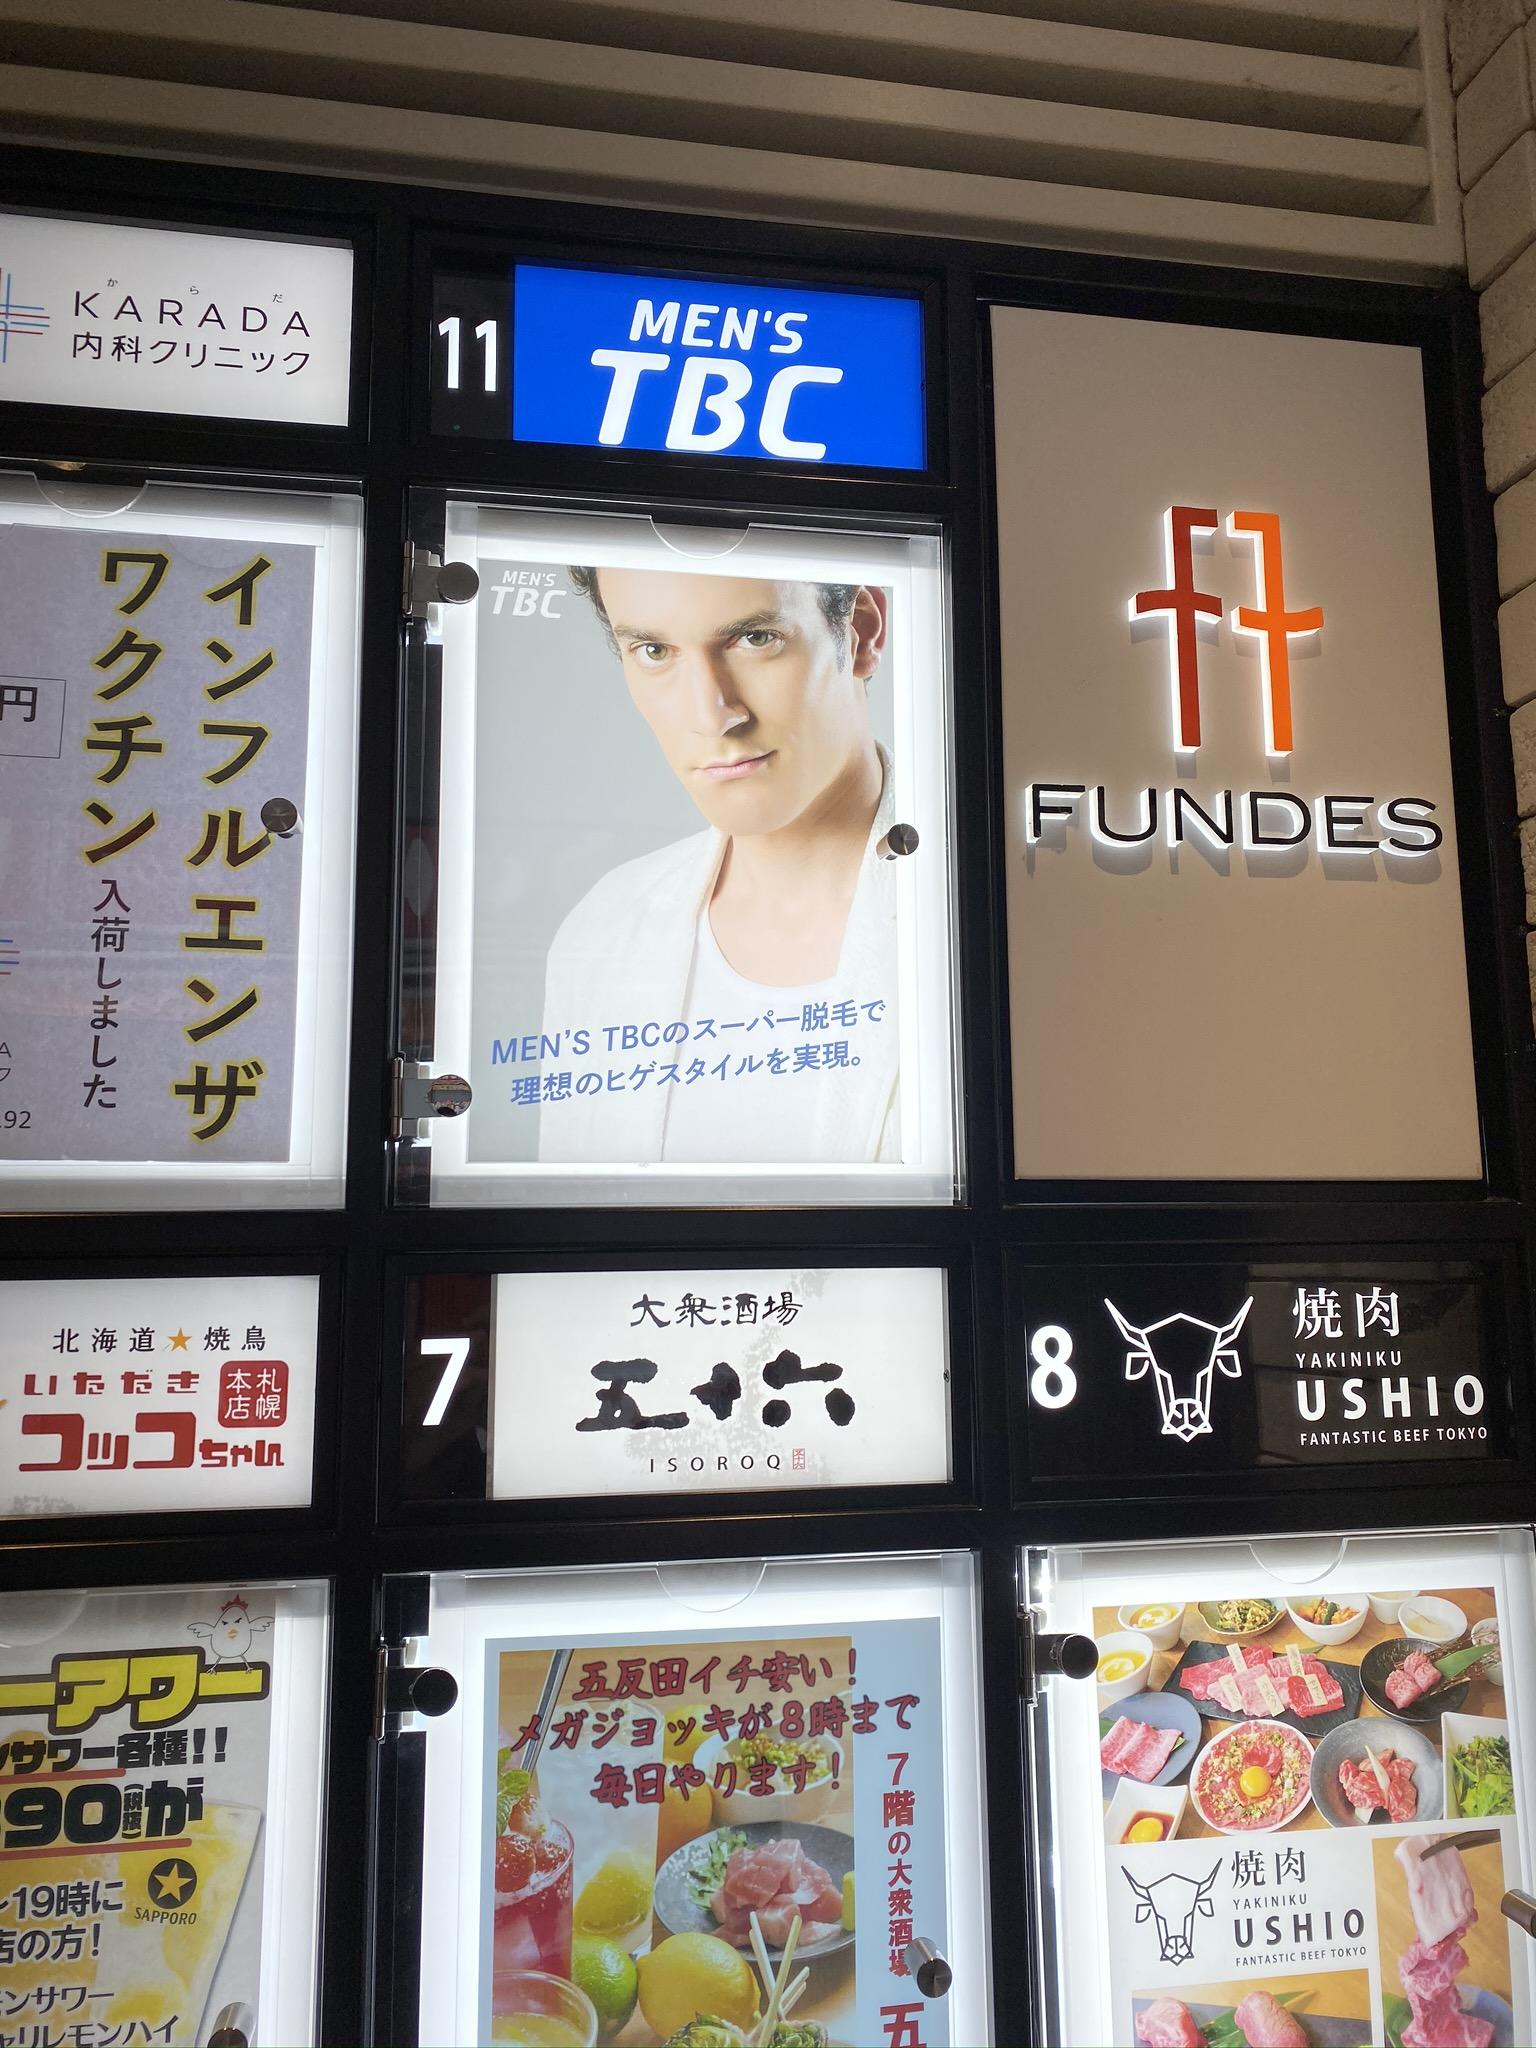 メンズTBC五反田店はJR五反田から徒歩3分くらいのビルの11階にある